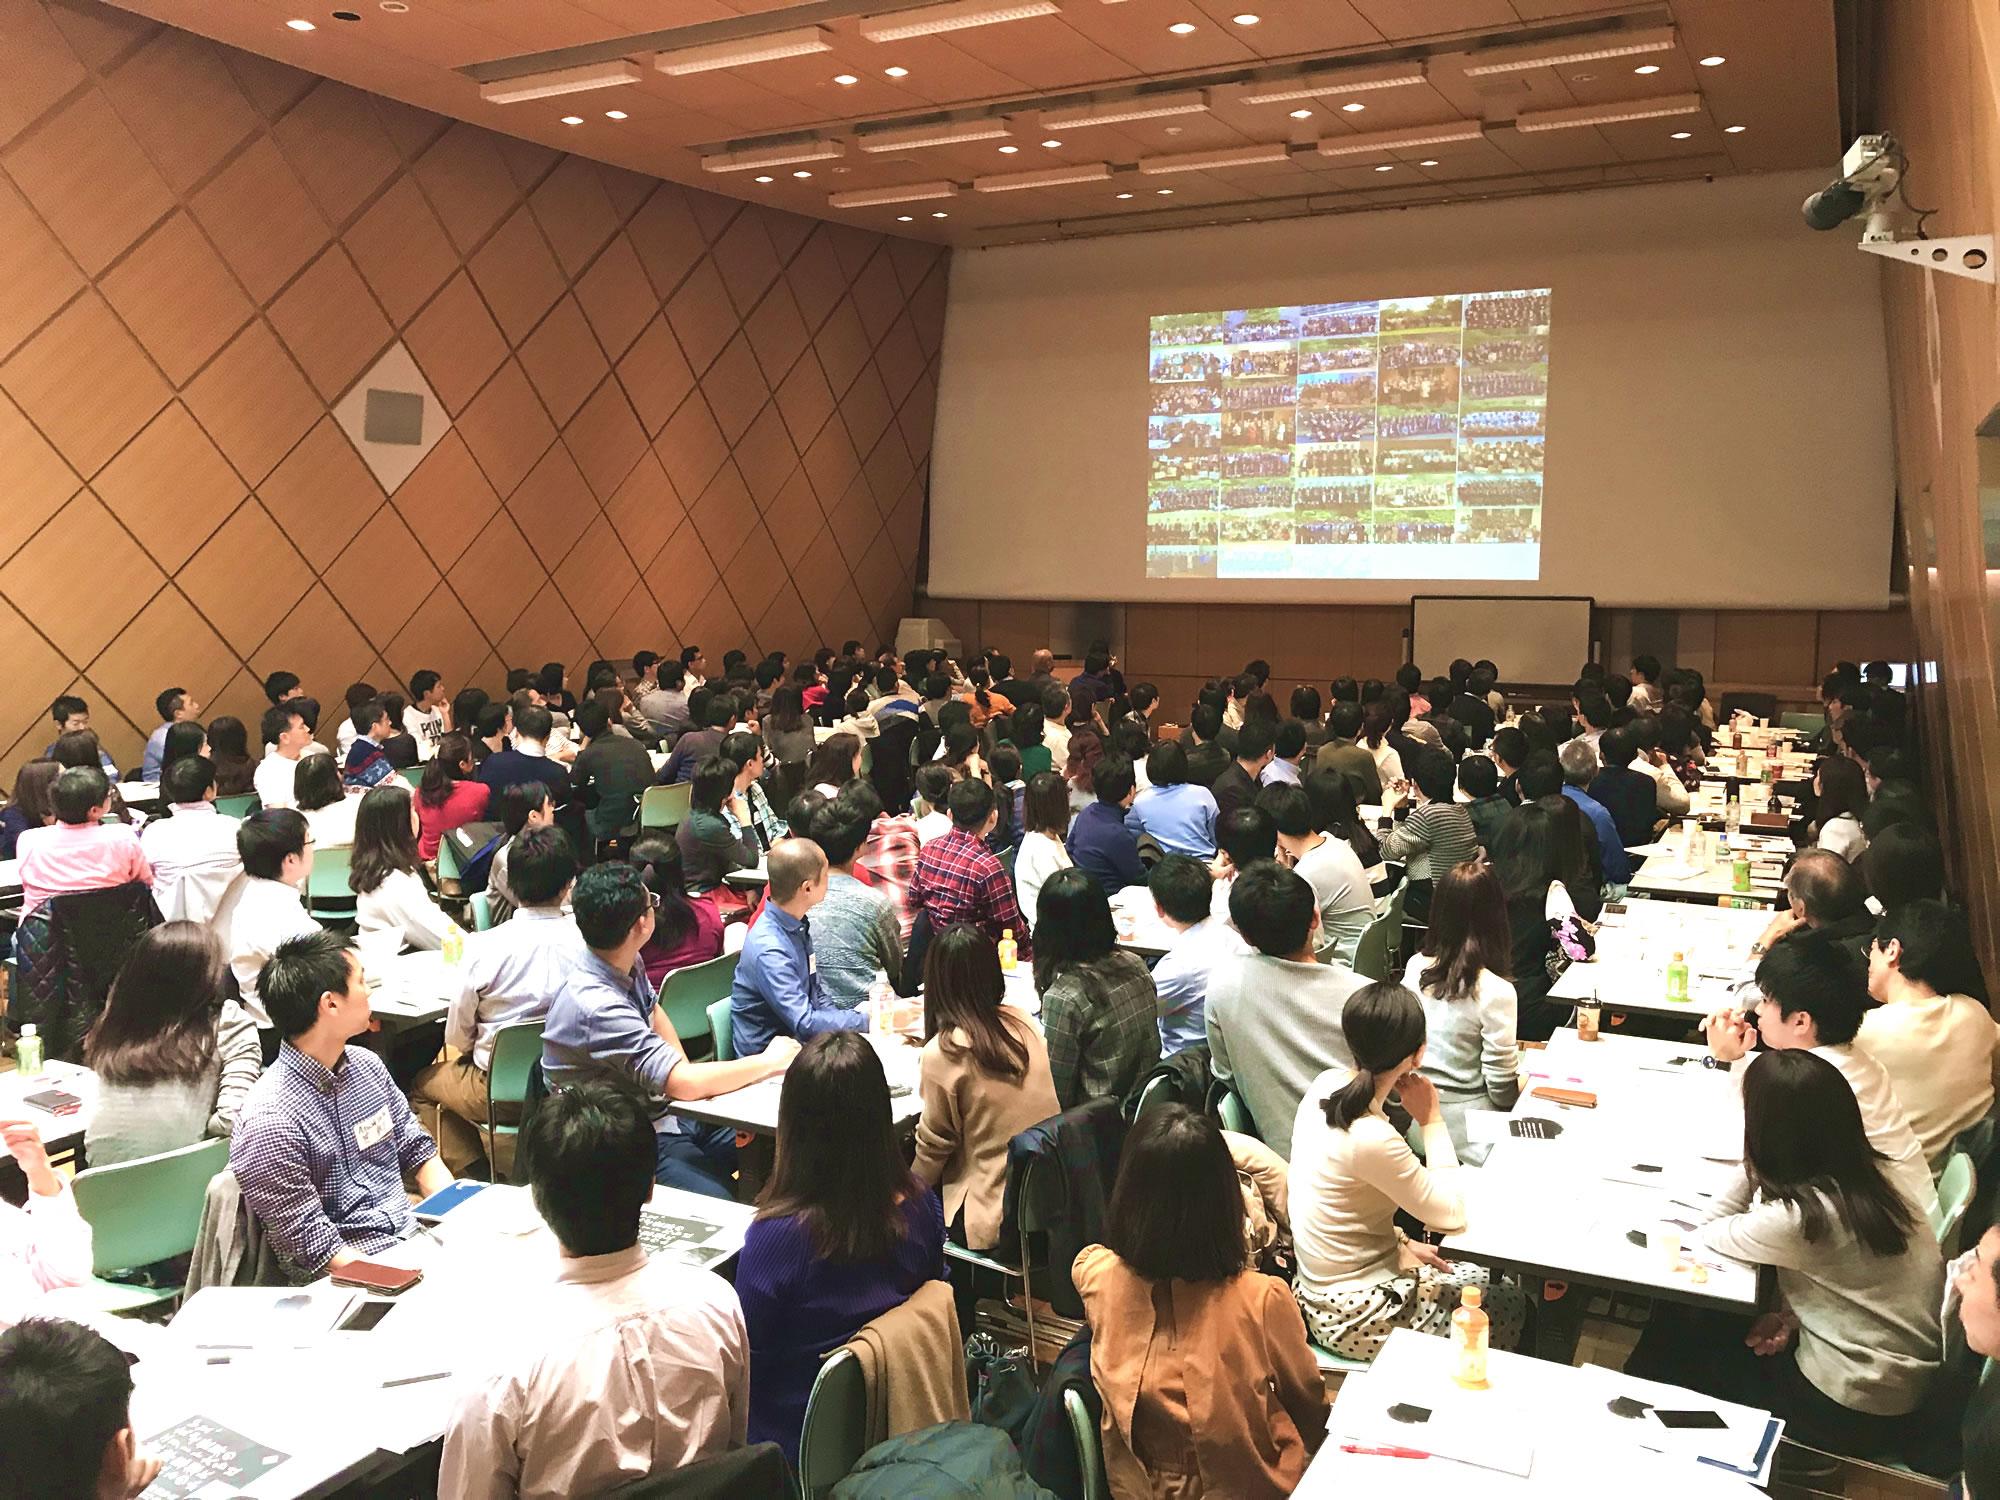 20171125VitalJapan 「MBAを超えて ~ 世界のリーダーシップ教育のパラダイムシフトへの挑戦」 Belyond MBA 英語セミナー